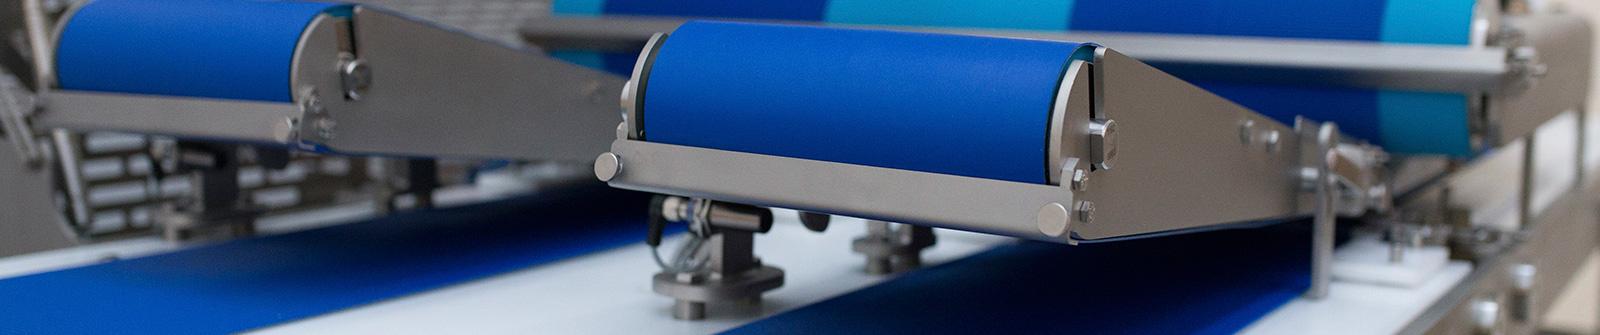 cortadora horizontal de carne ebaki 1w sp - fileteadora de 1 vía con separación de los filetes